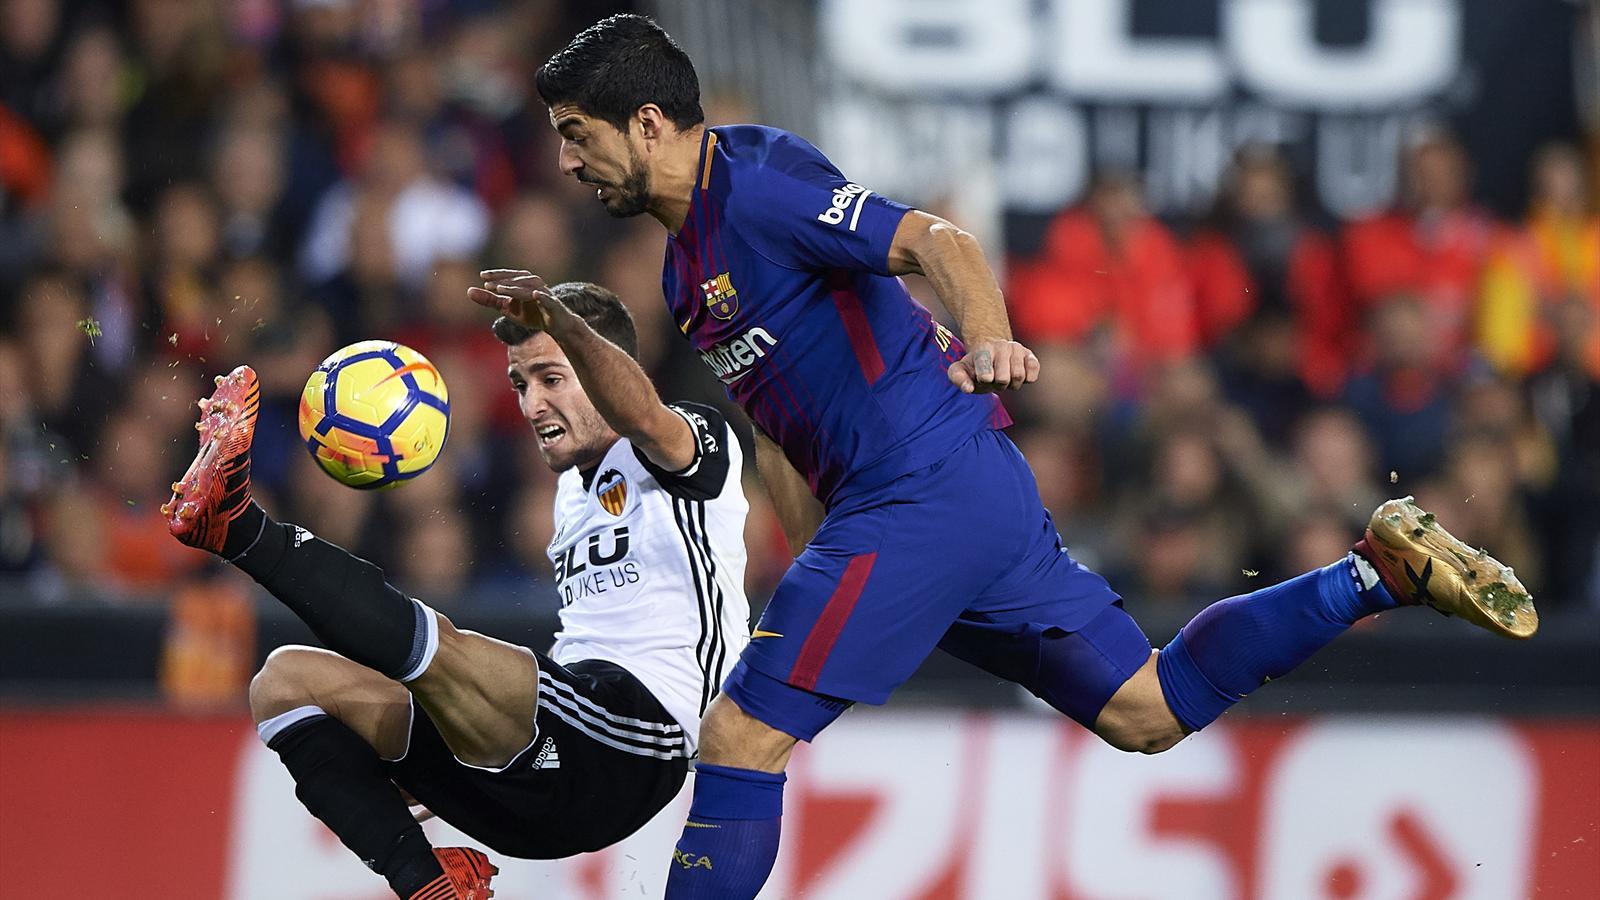 Реал в погоне за первым местом и другие матчи среды в Лиге чемпионов